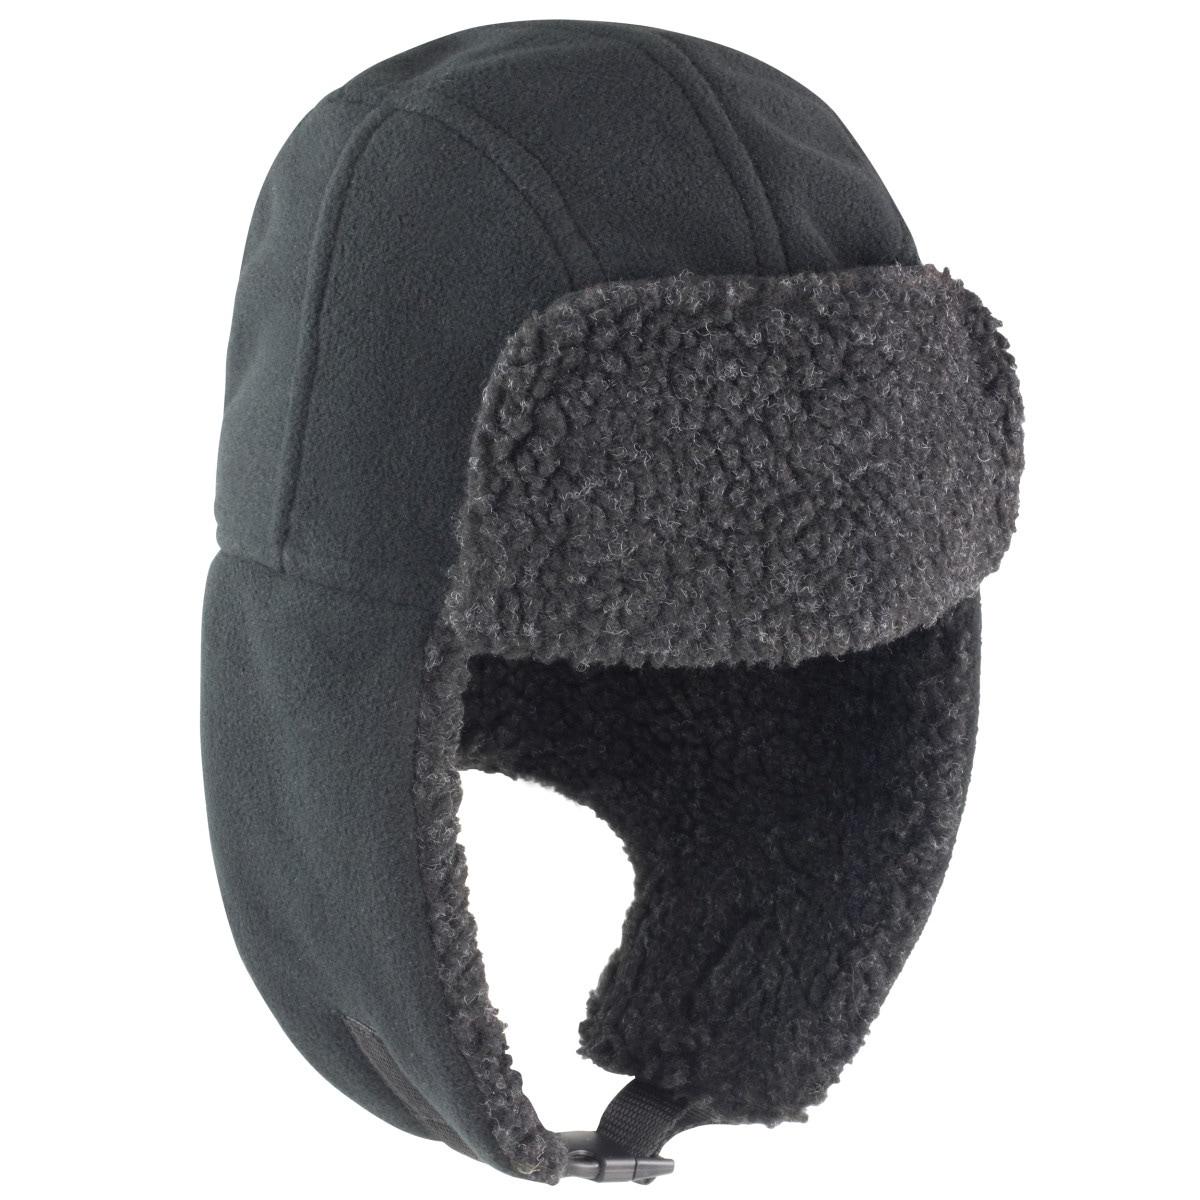 Result Ohrenmütze Herren Winter Sherpa Mütze, Thinsulate   Accessoires > Mützen > Ohrenmützen   Result